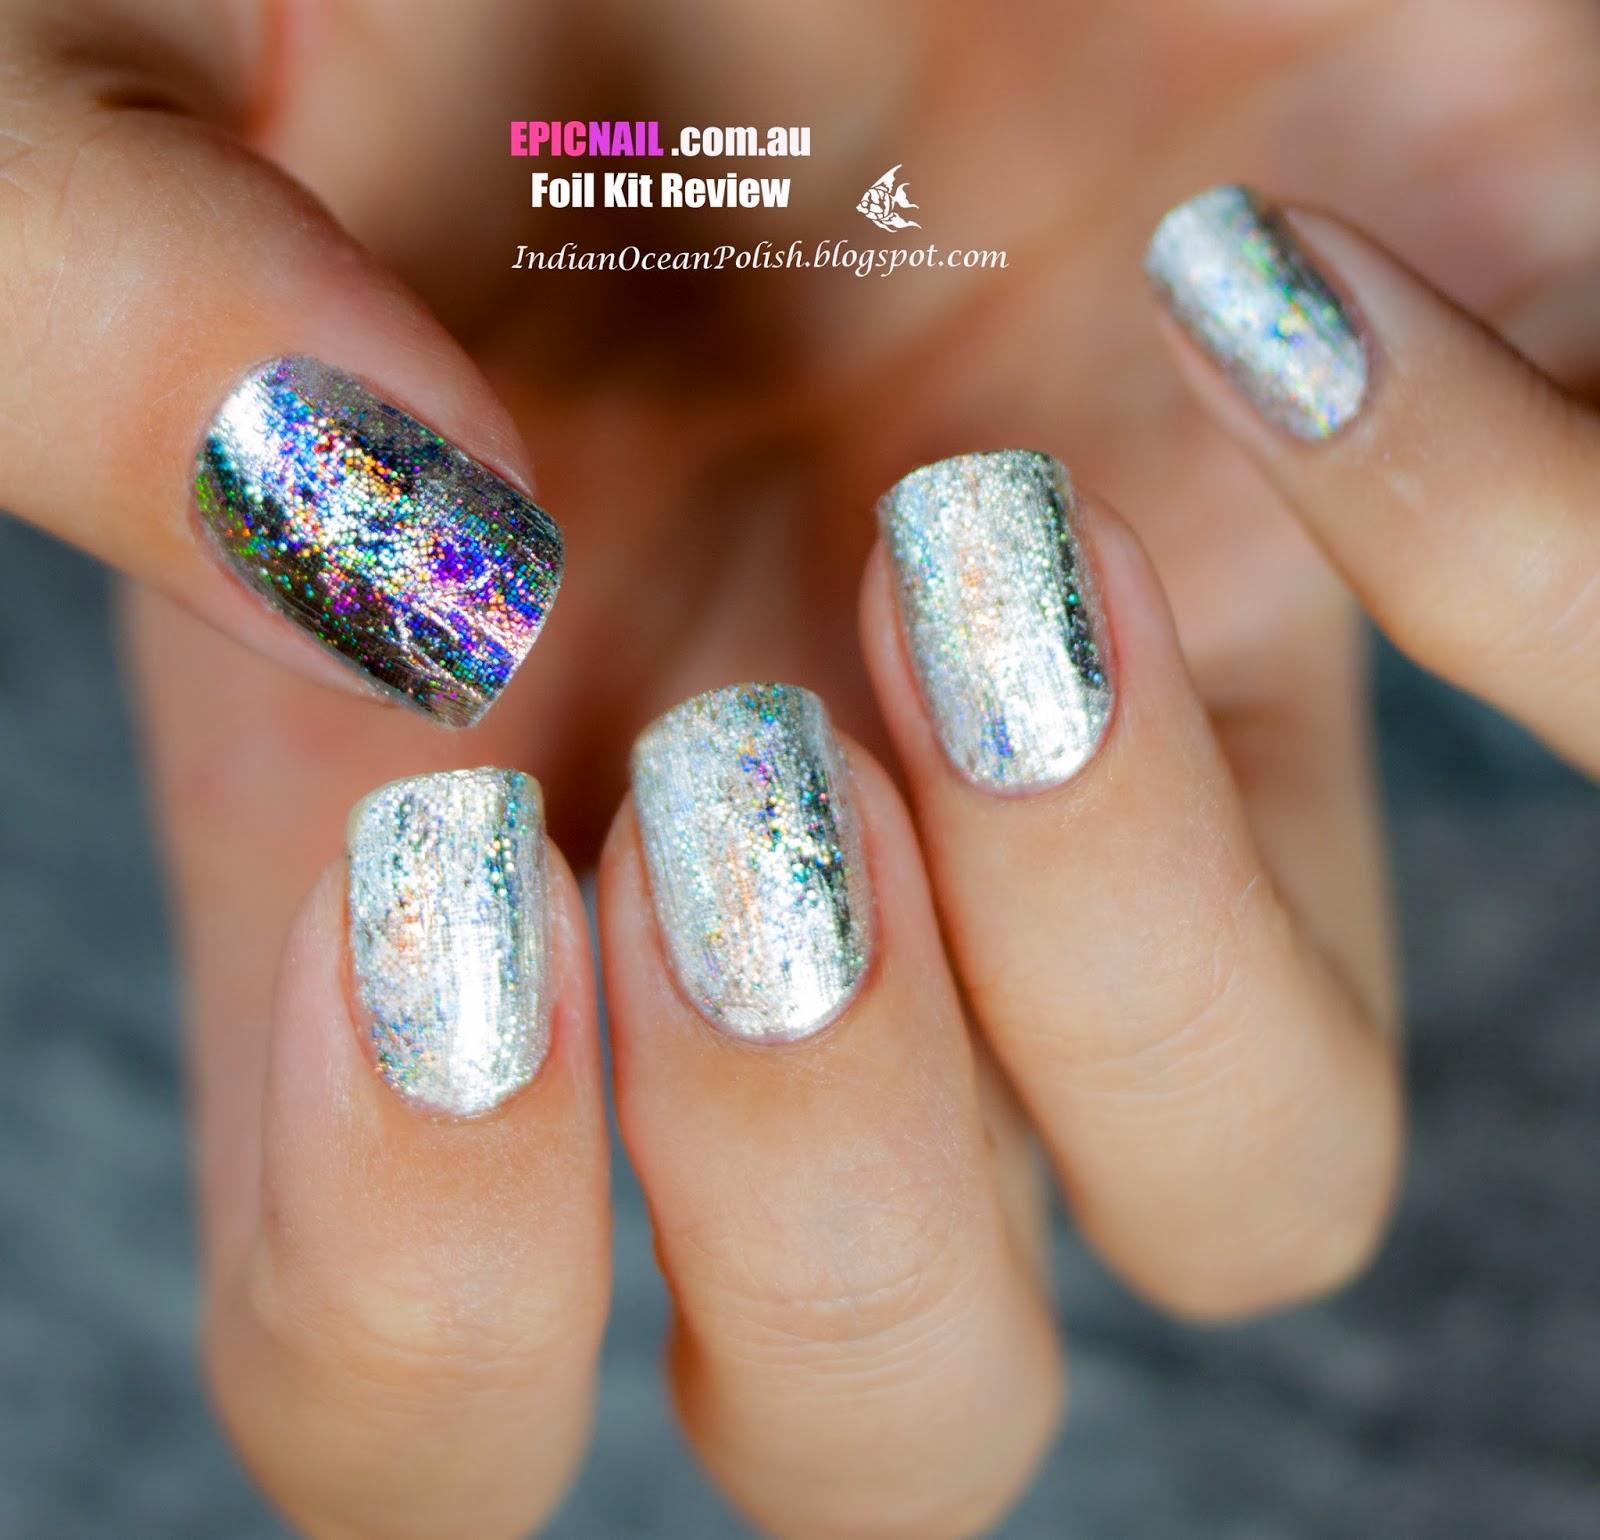 Indian Ocean Polish: Review: Epicnail New Nail Foil Kits! \